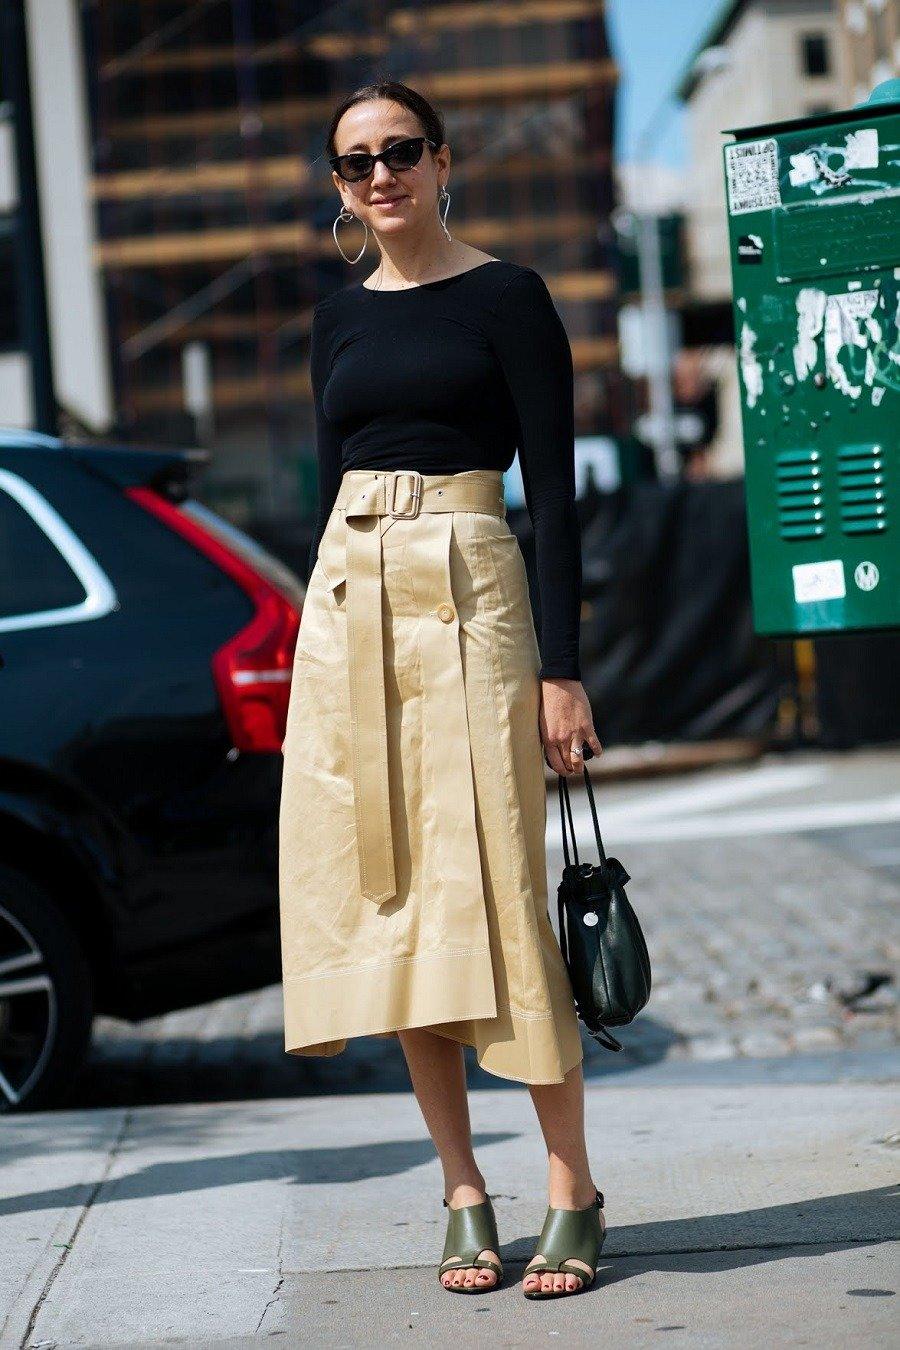 404f57c4331 Такая разная юбка миди  6 моделей на весну и лето - OSKELLY